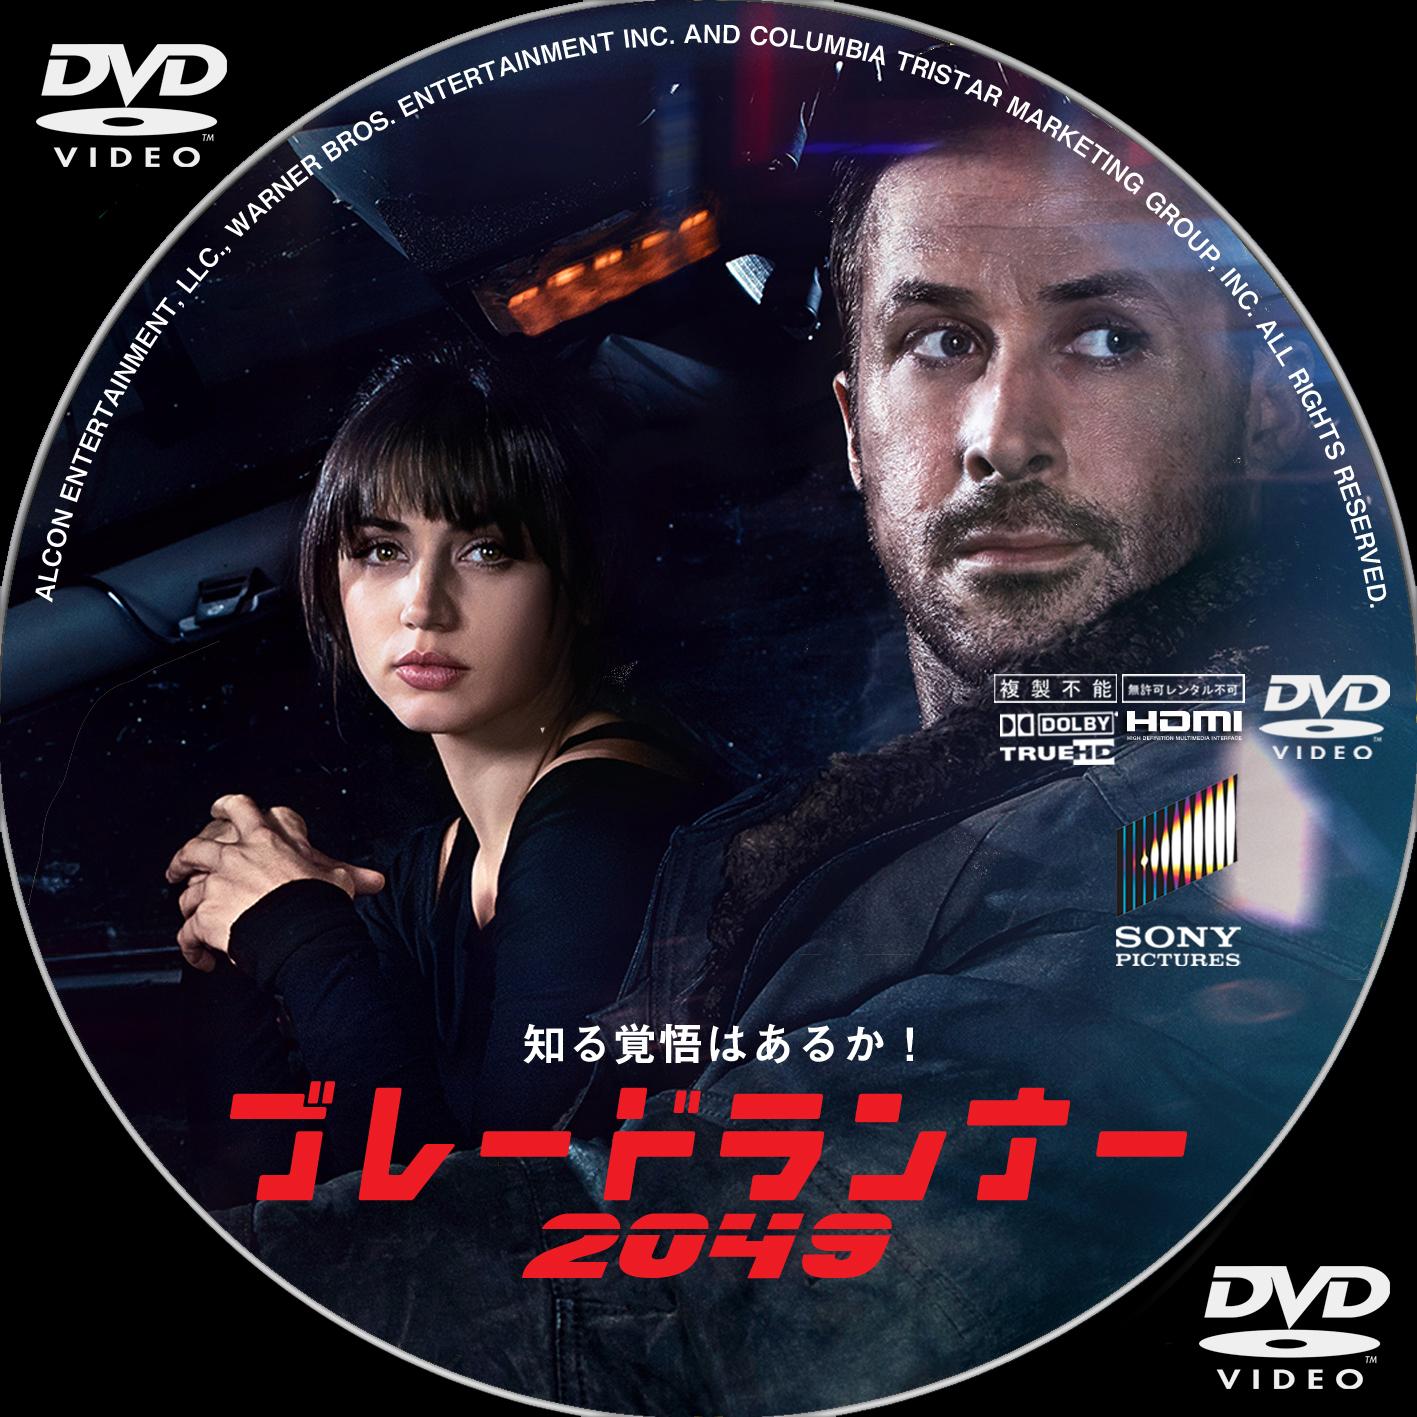 DVD ラベル3